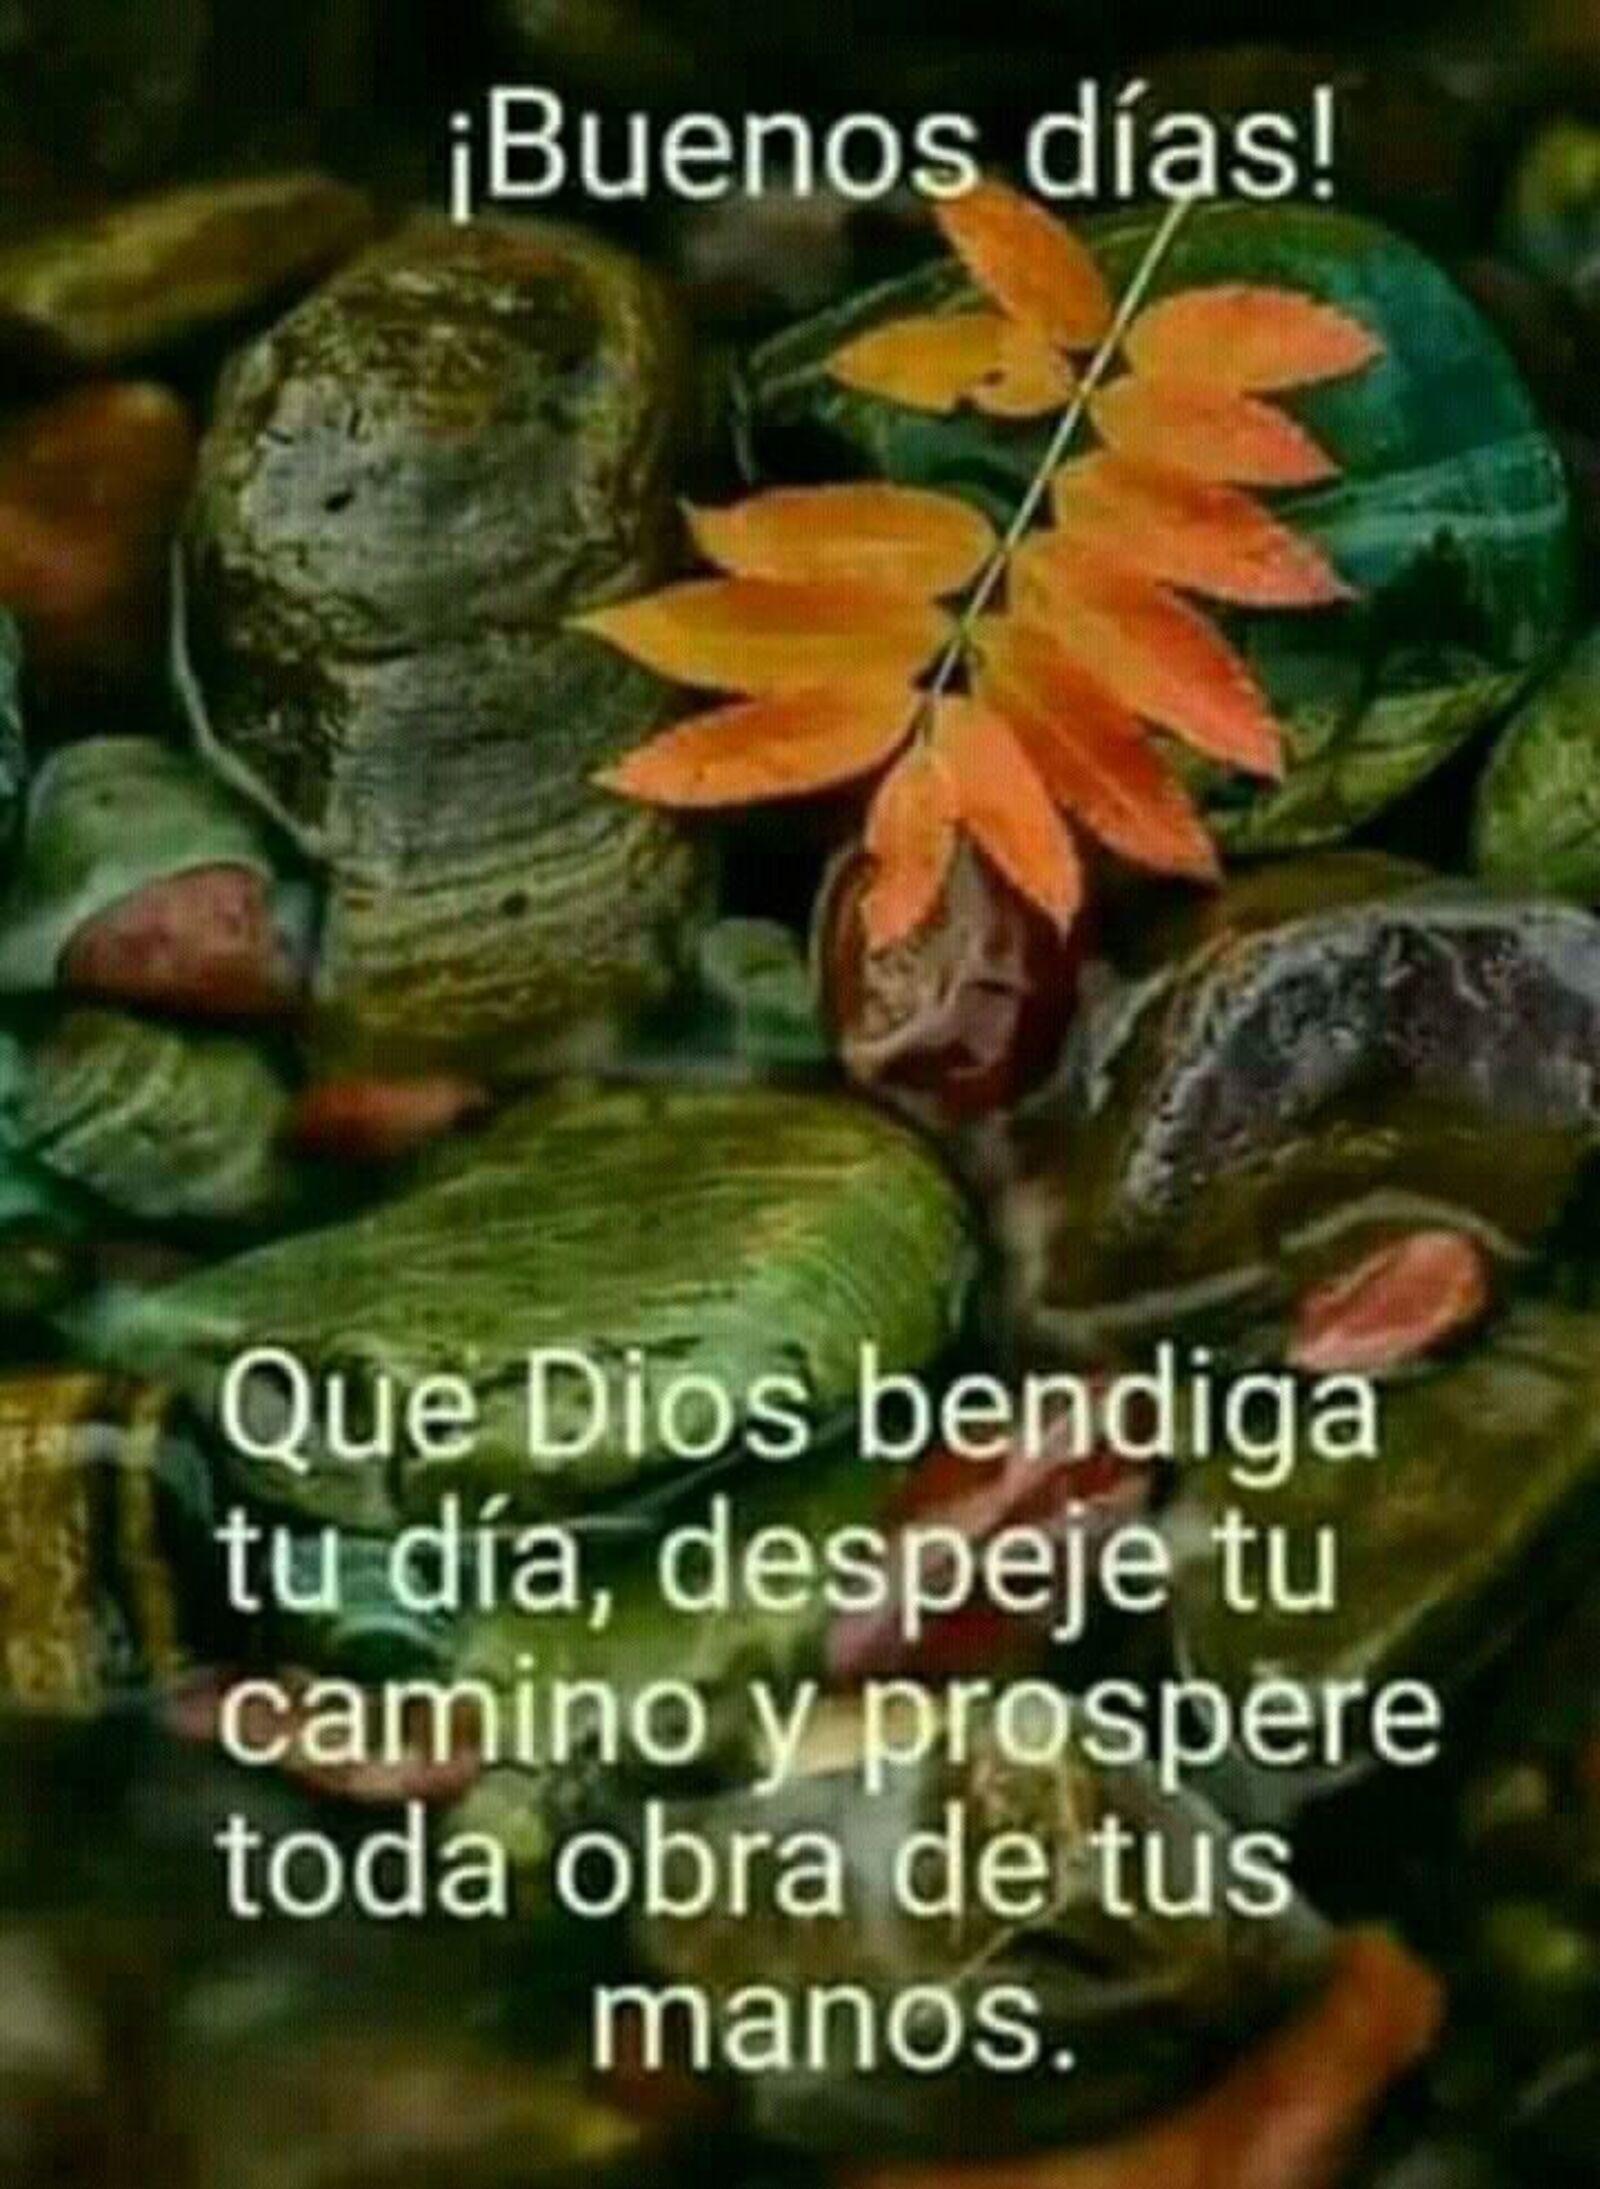 Buenos días que Dios bendiga tu día, despeje tu camino y prospere toda obra de tus manos